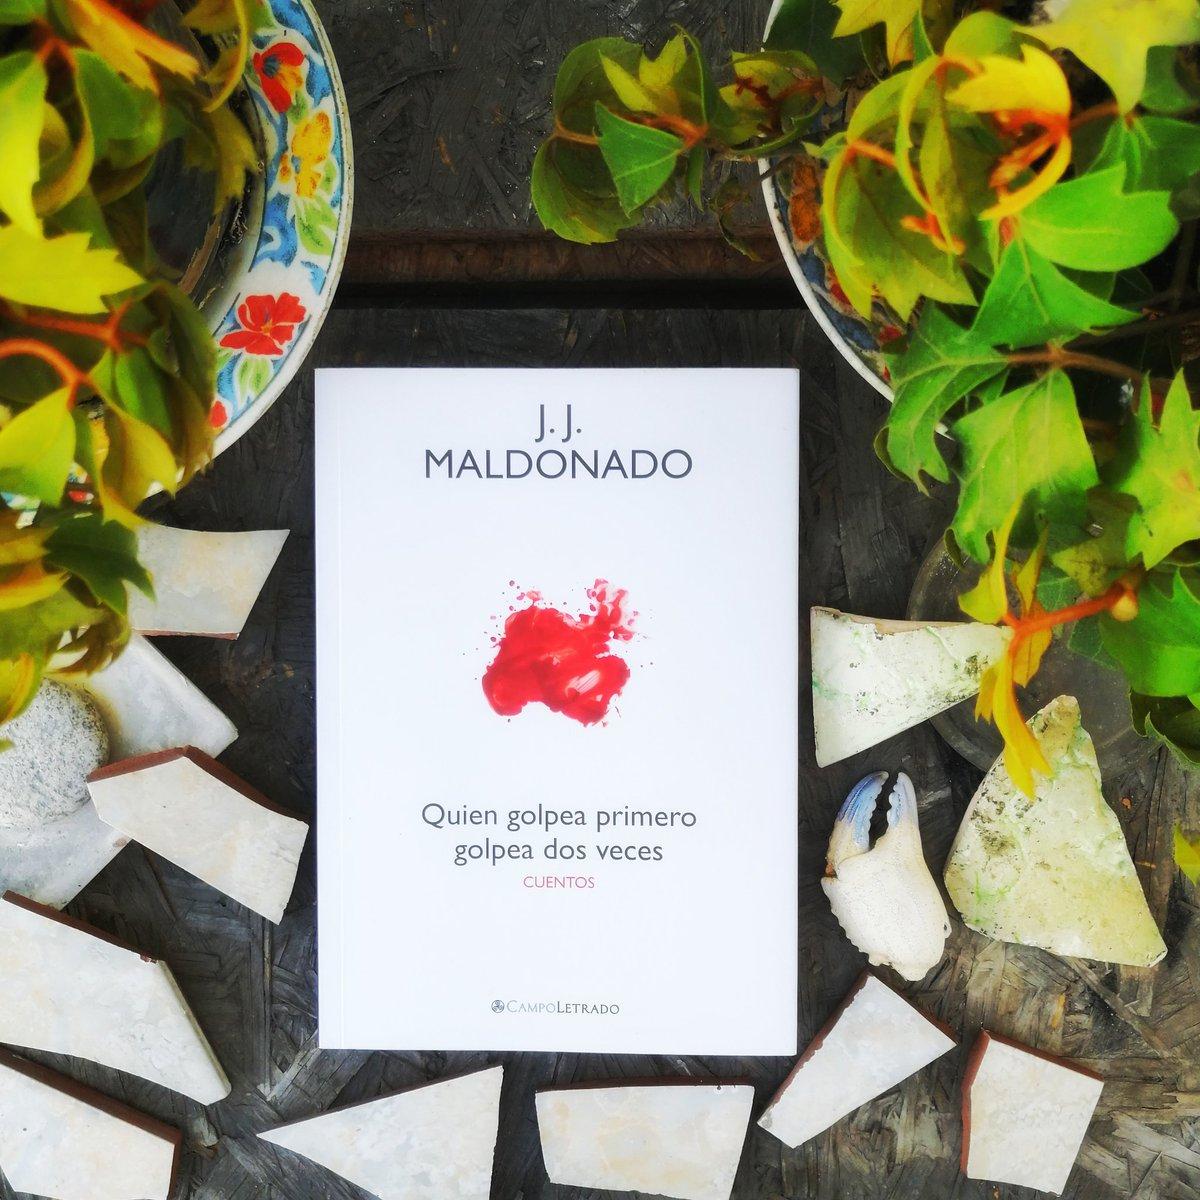 #LibrosRecomendados   J.J. Maldonado nos presenta 6 relatos en Quien golpea primero golpea dos vece, y aún no termino de decidir cuál es mi favorito.  Libro publicado por Campo Letrado Editores pic.twitter.com/FzBLzoHqWP